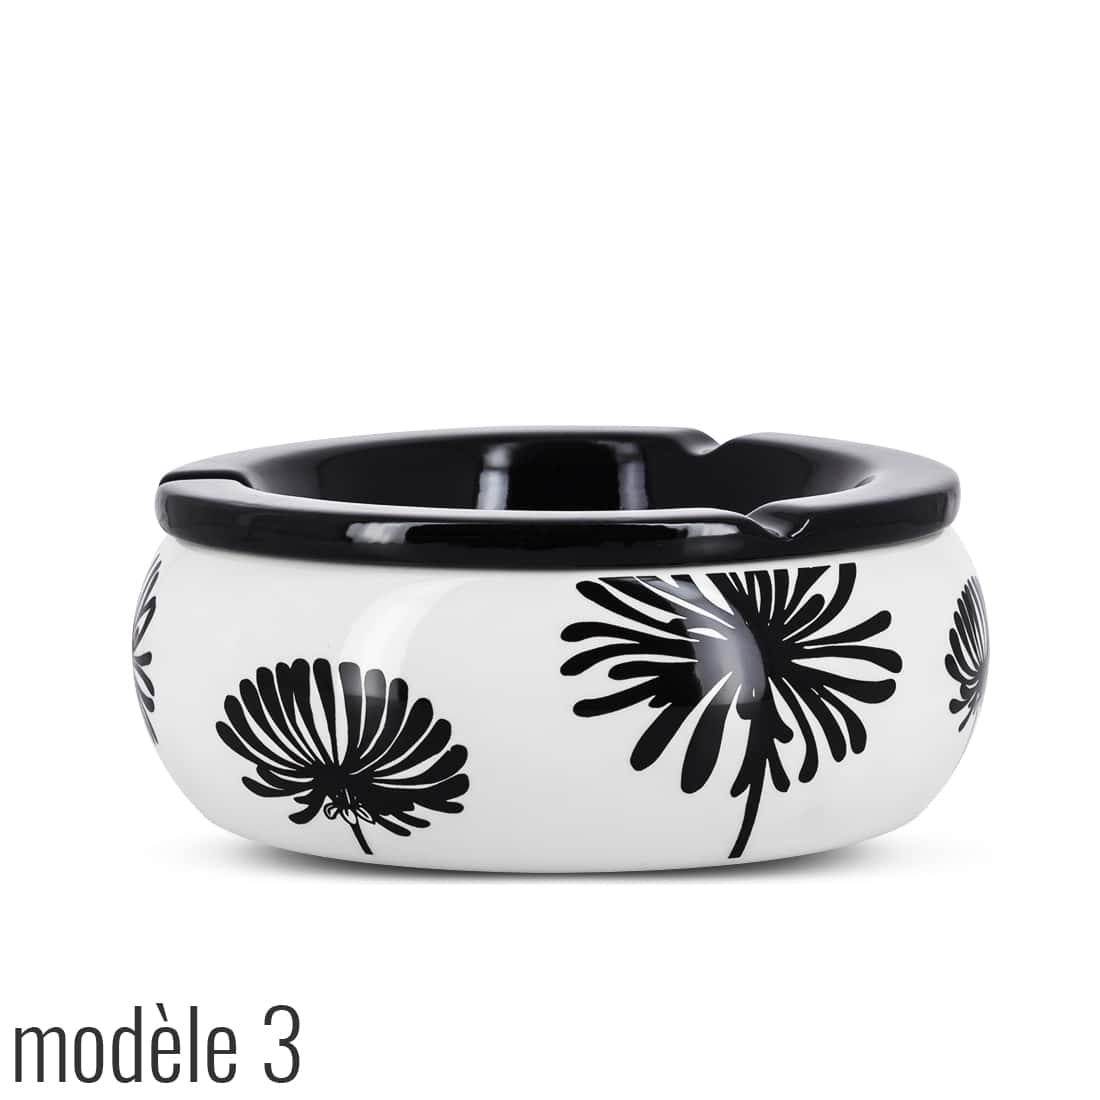 Photo #6 de Cendrier Marocain Décor Floral Noir et Blanc